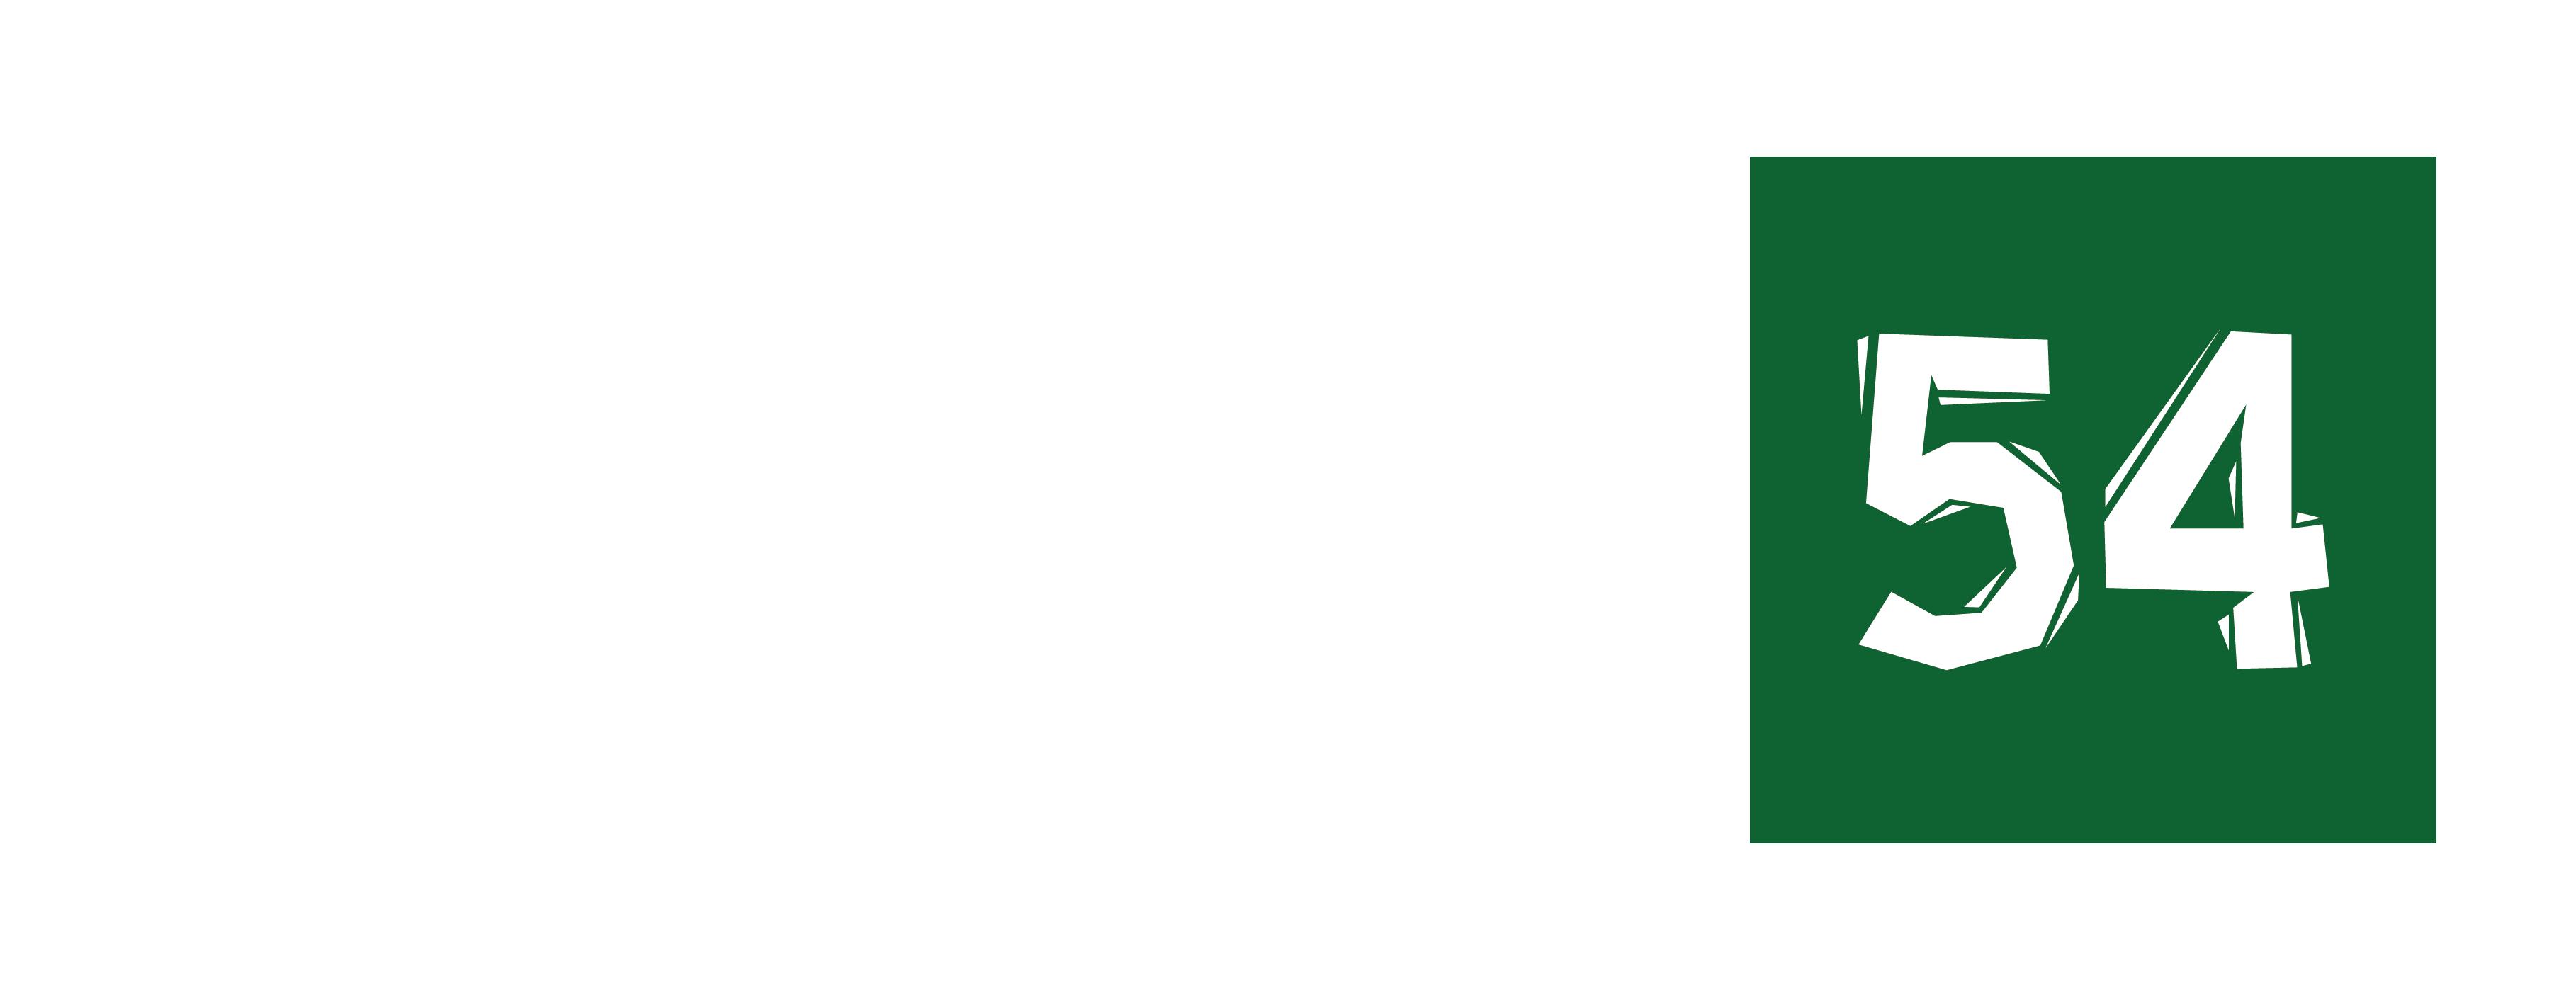 Algerietouteheure